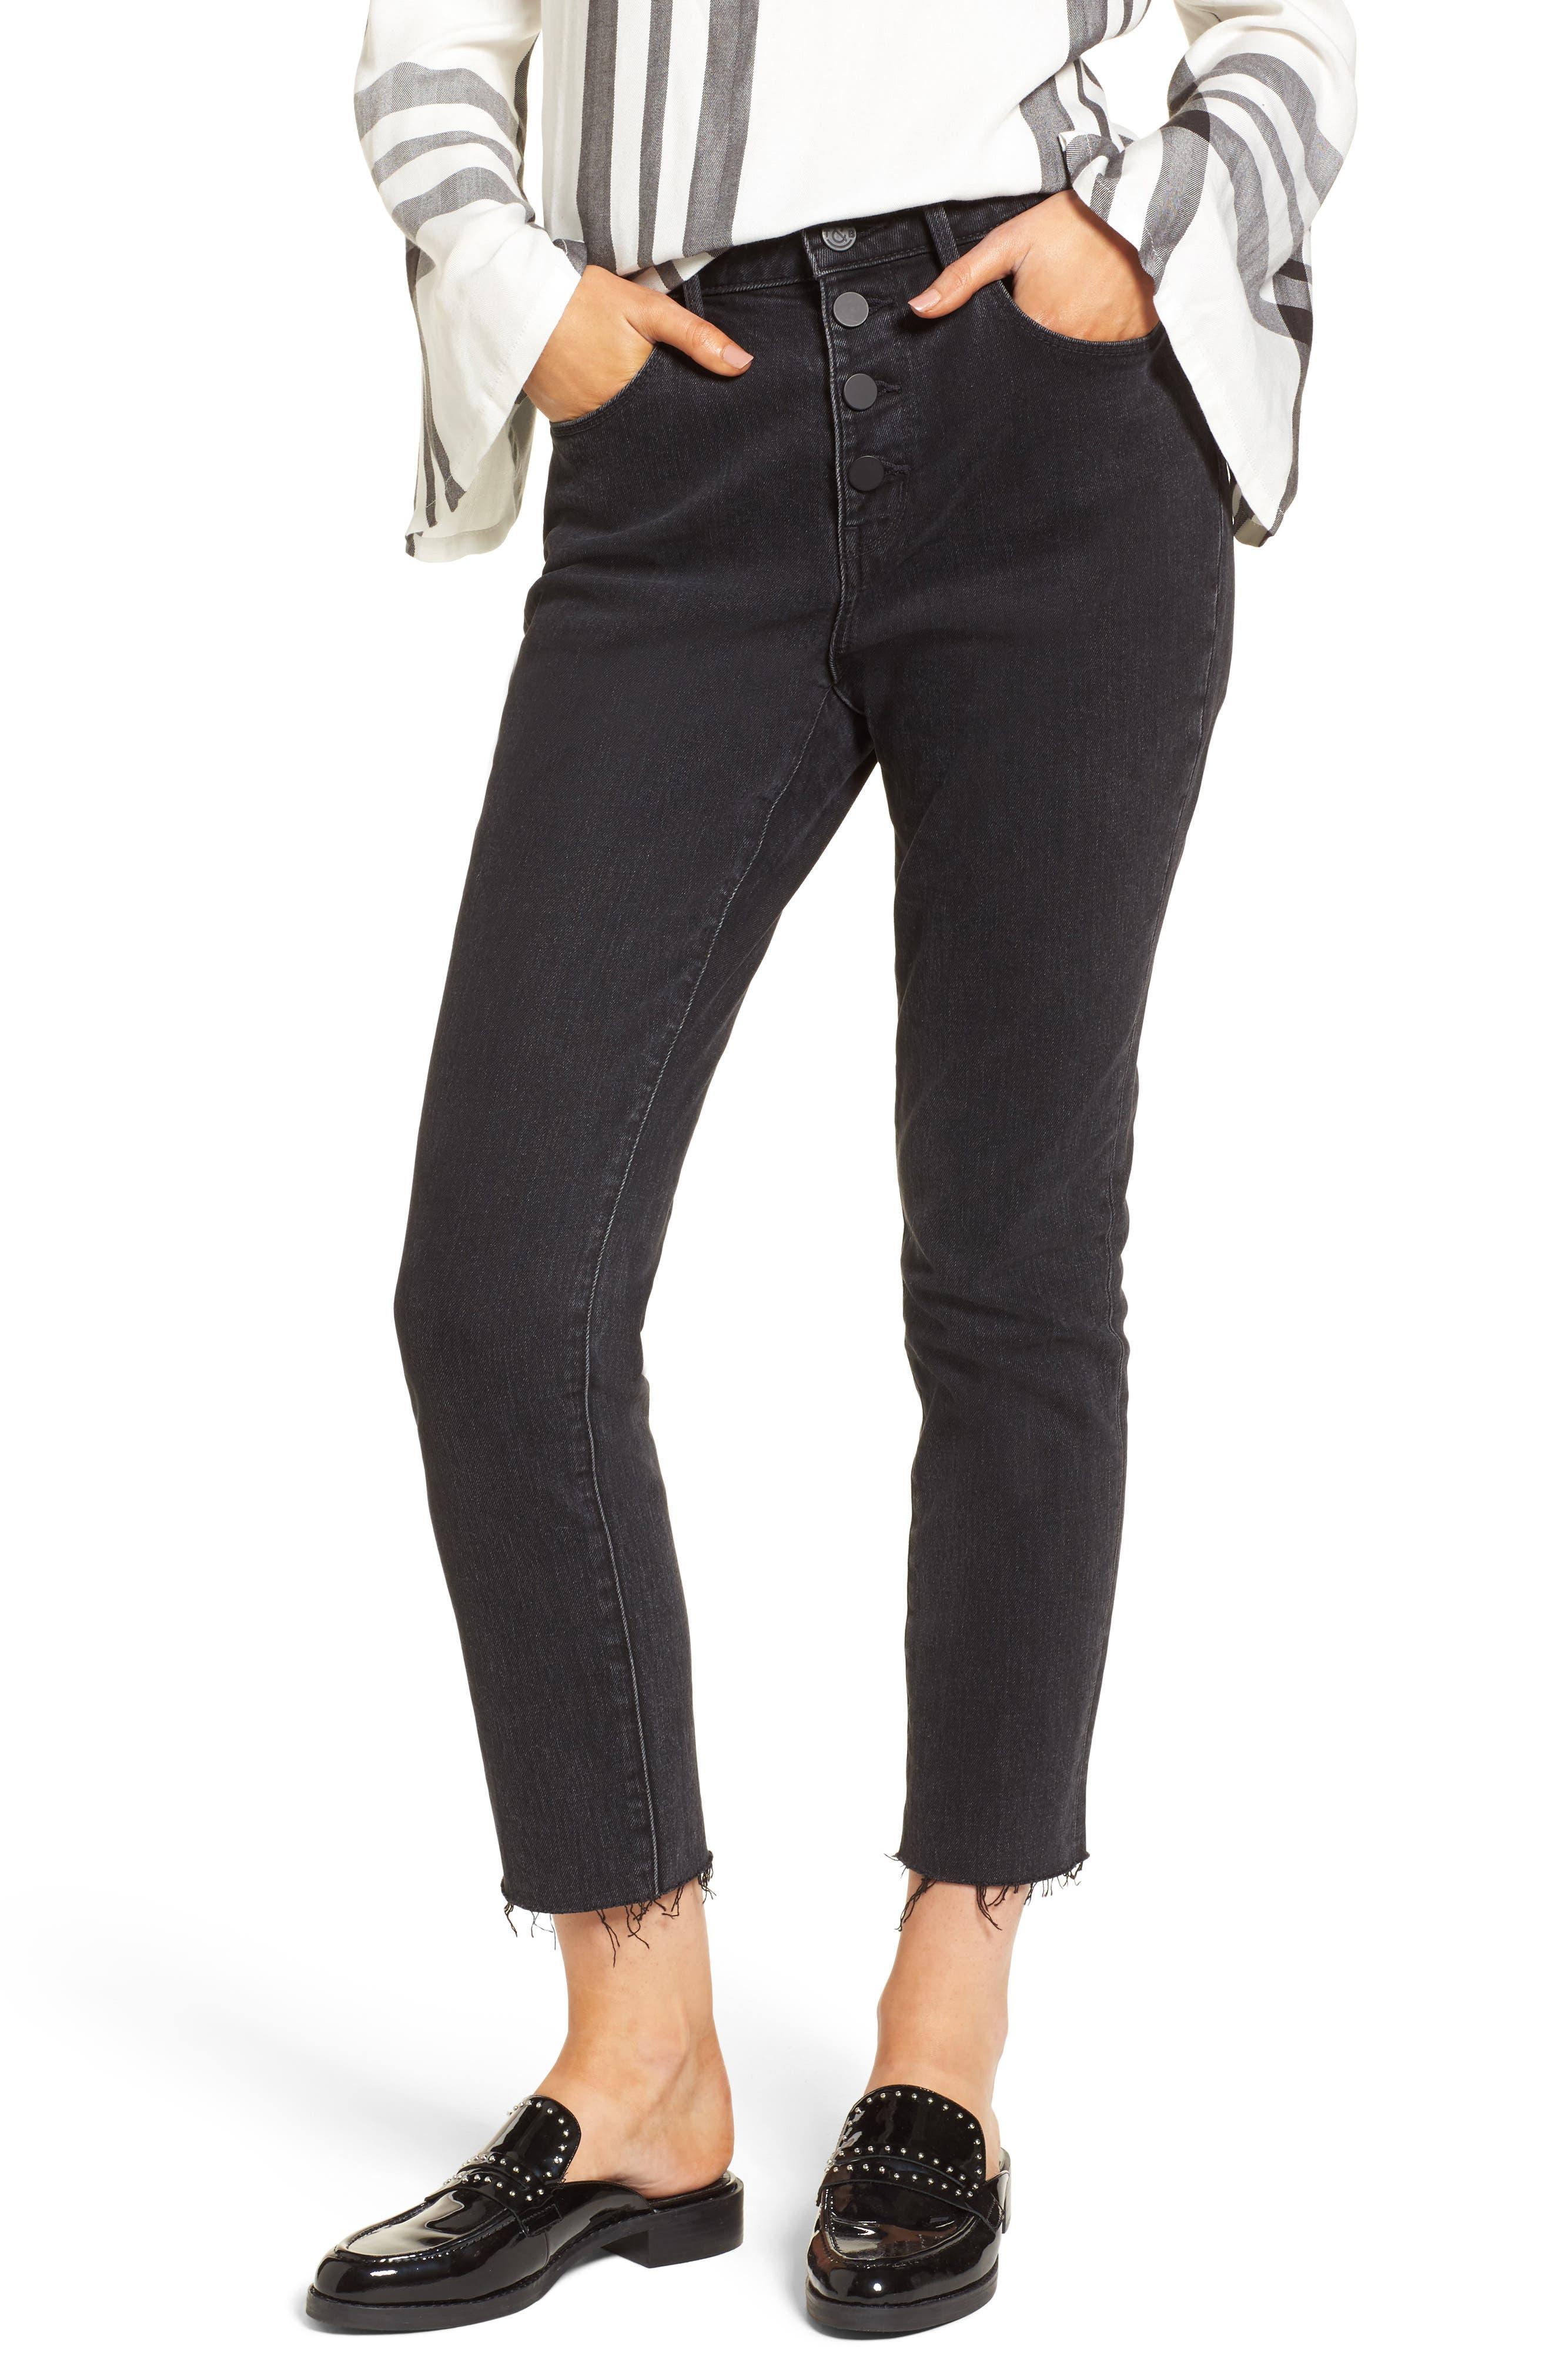 Main Image - Treasure & Bond Bond Loose Fit Ankle Skinny Jeans (Black Dark Vintage)